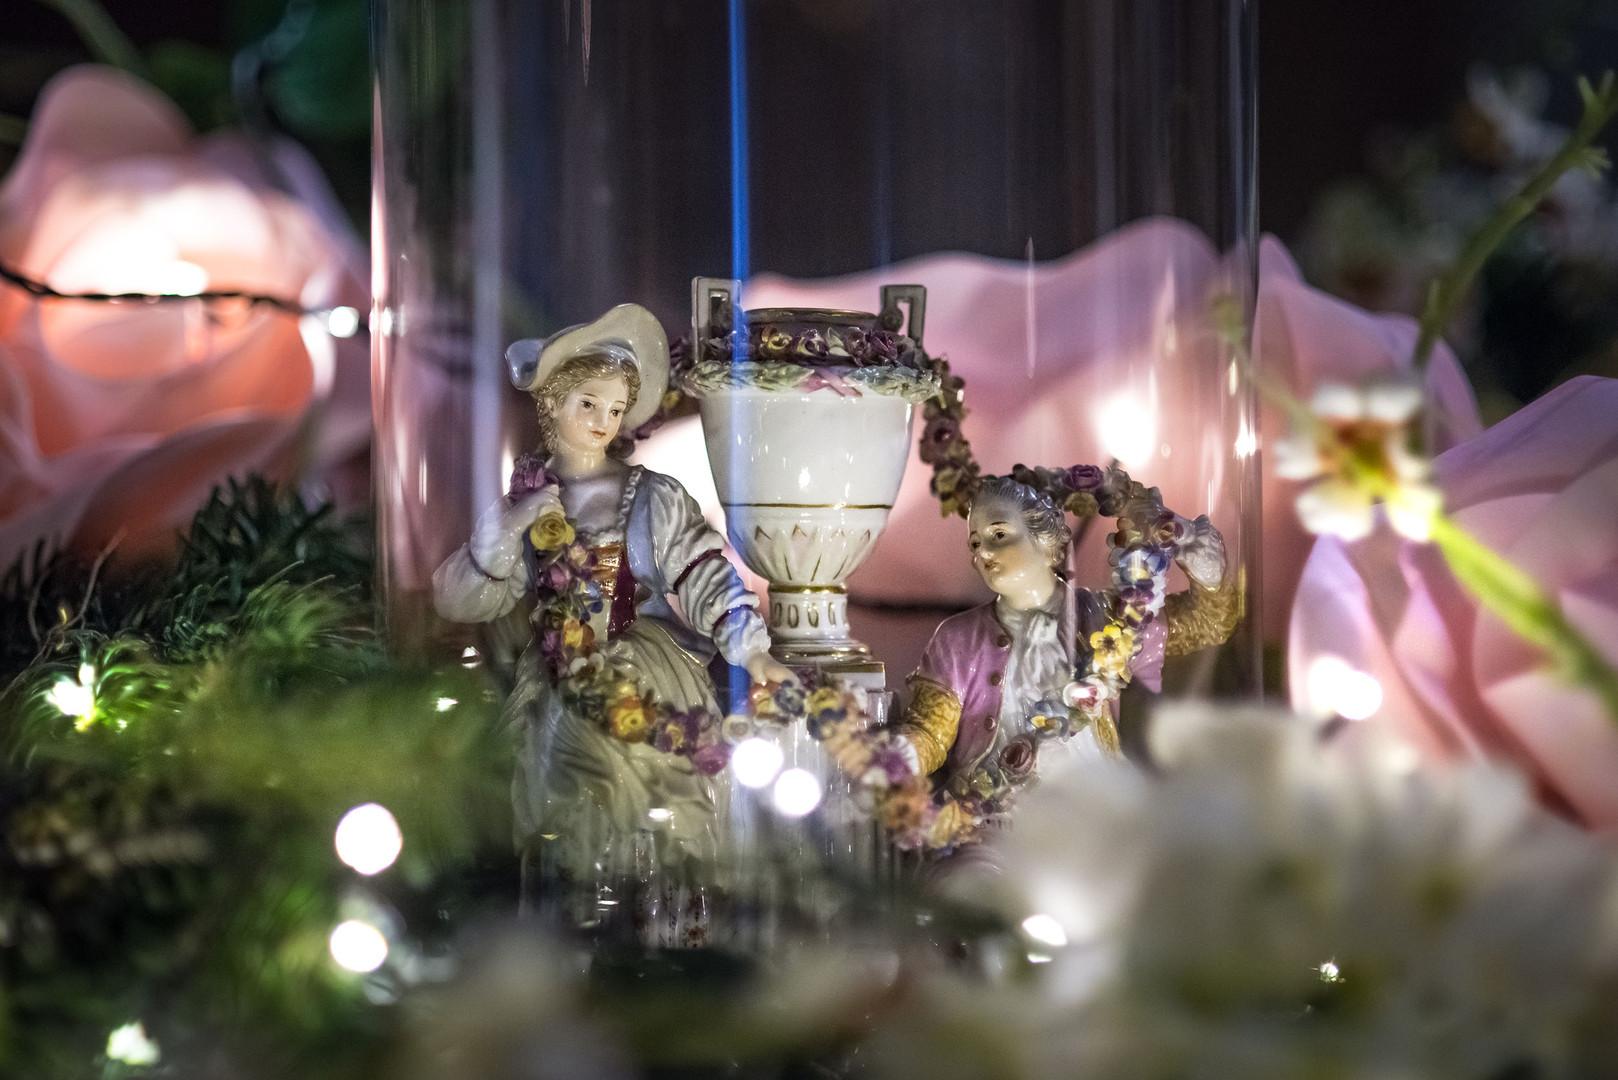 Décorations de Noël (détail) au château de Bouges